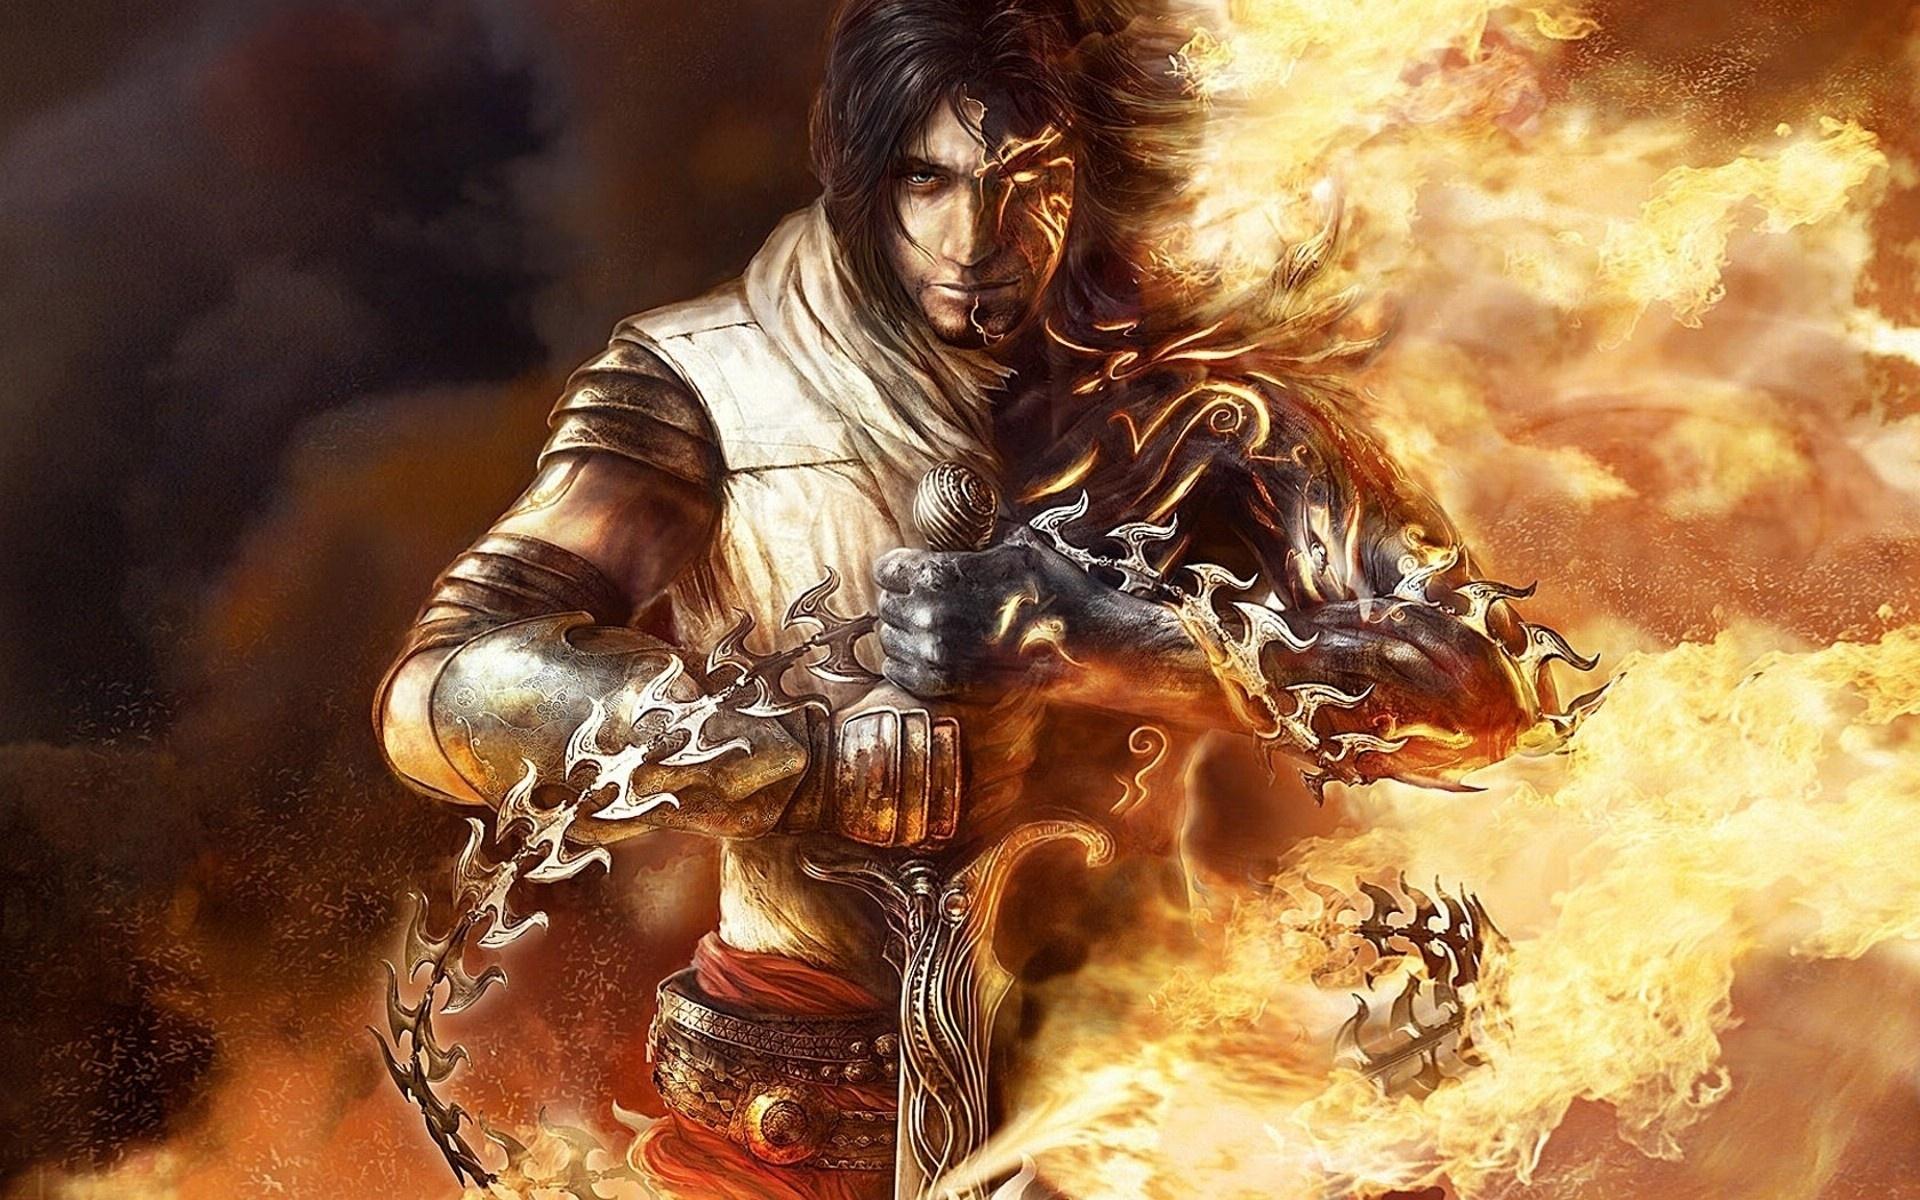 персонажи из принц персии в картинках внимания заслуживает рыжий